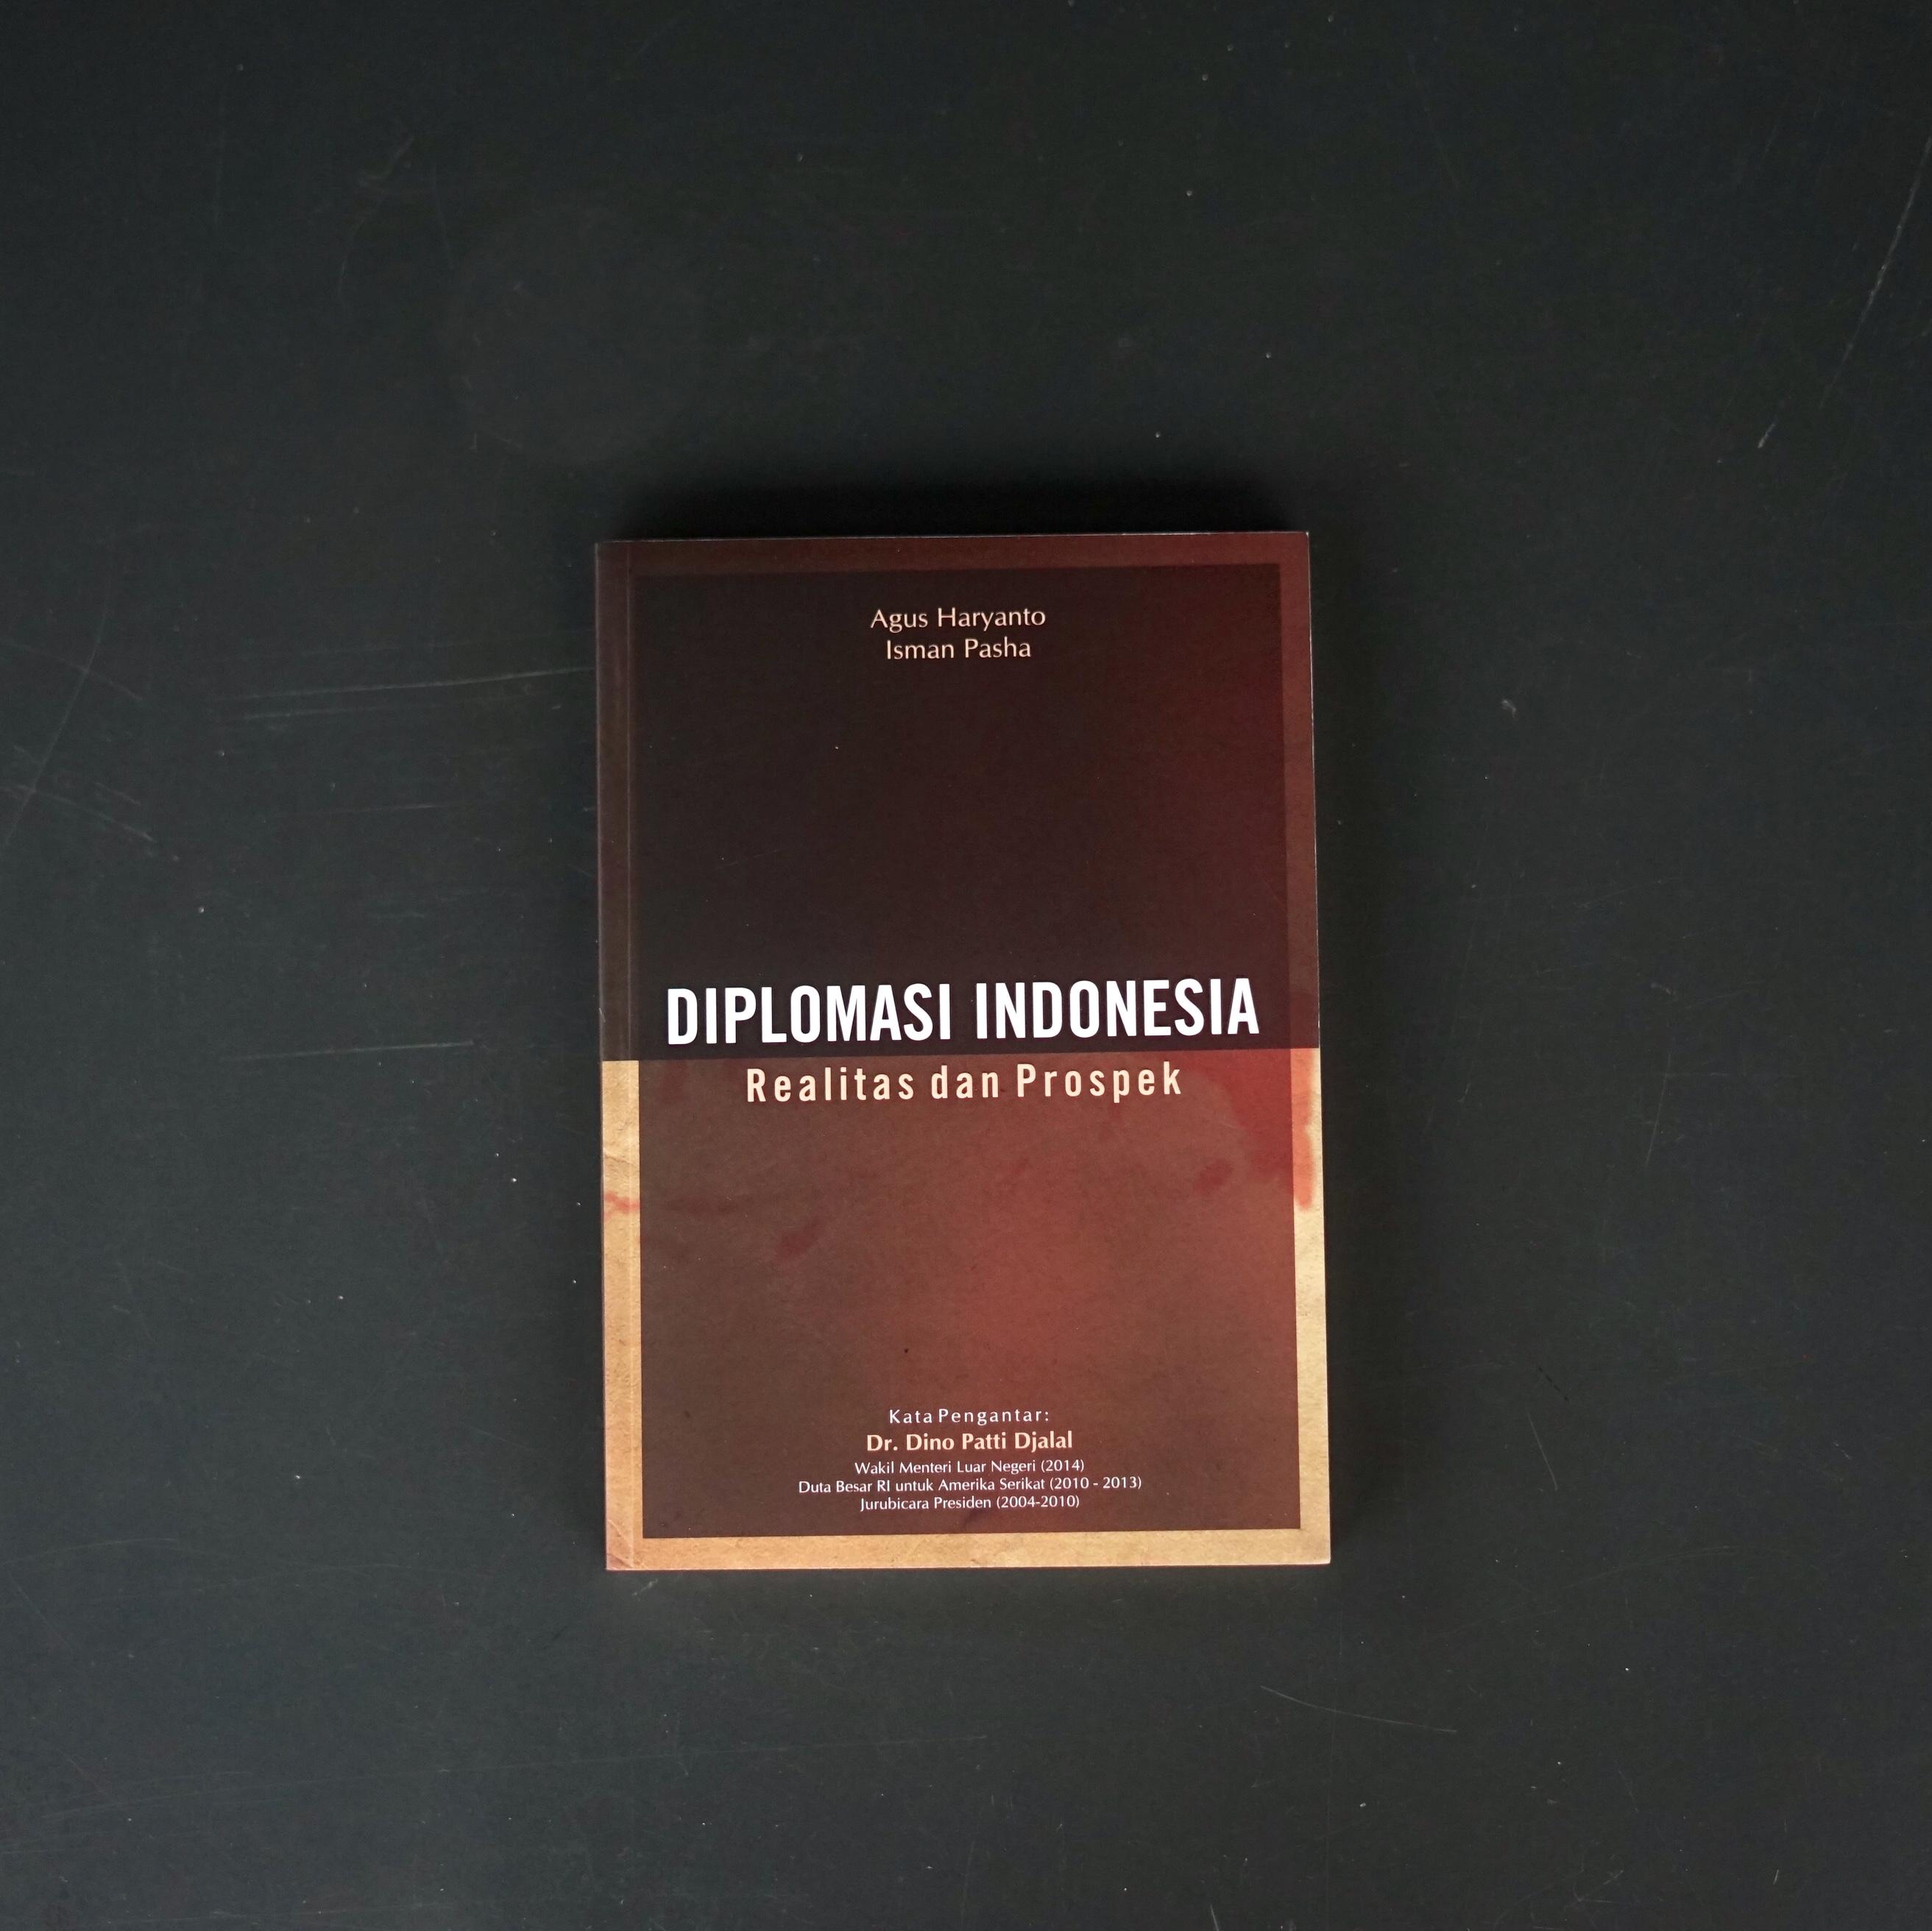 Diplomasi Indonesia: Realitas dan Prospek